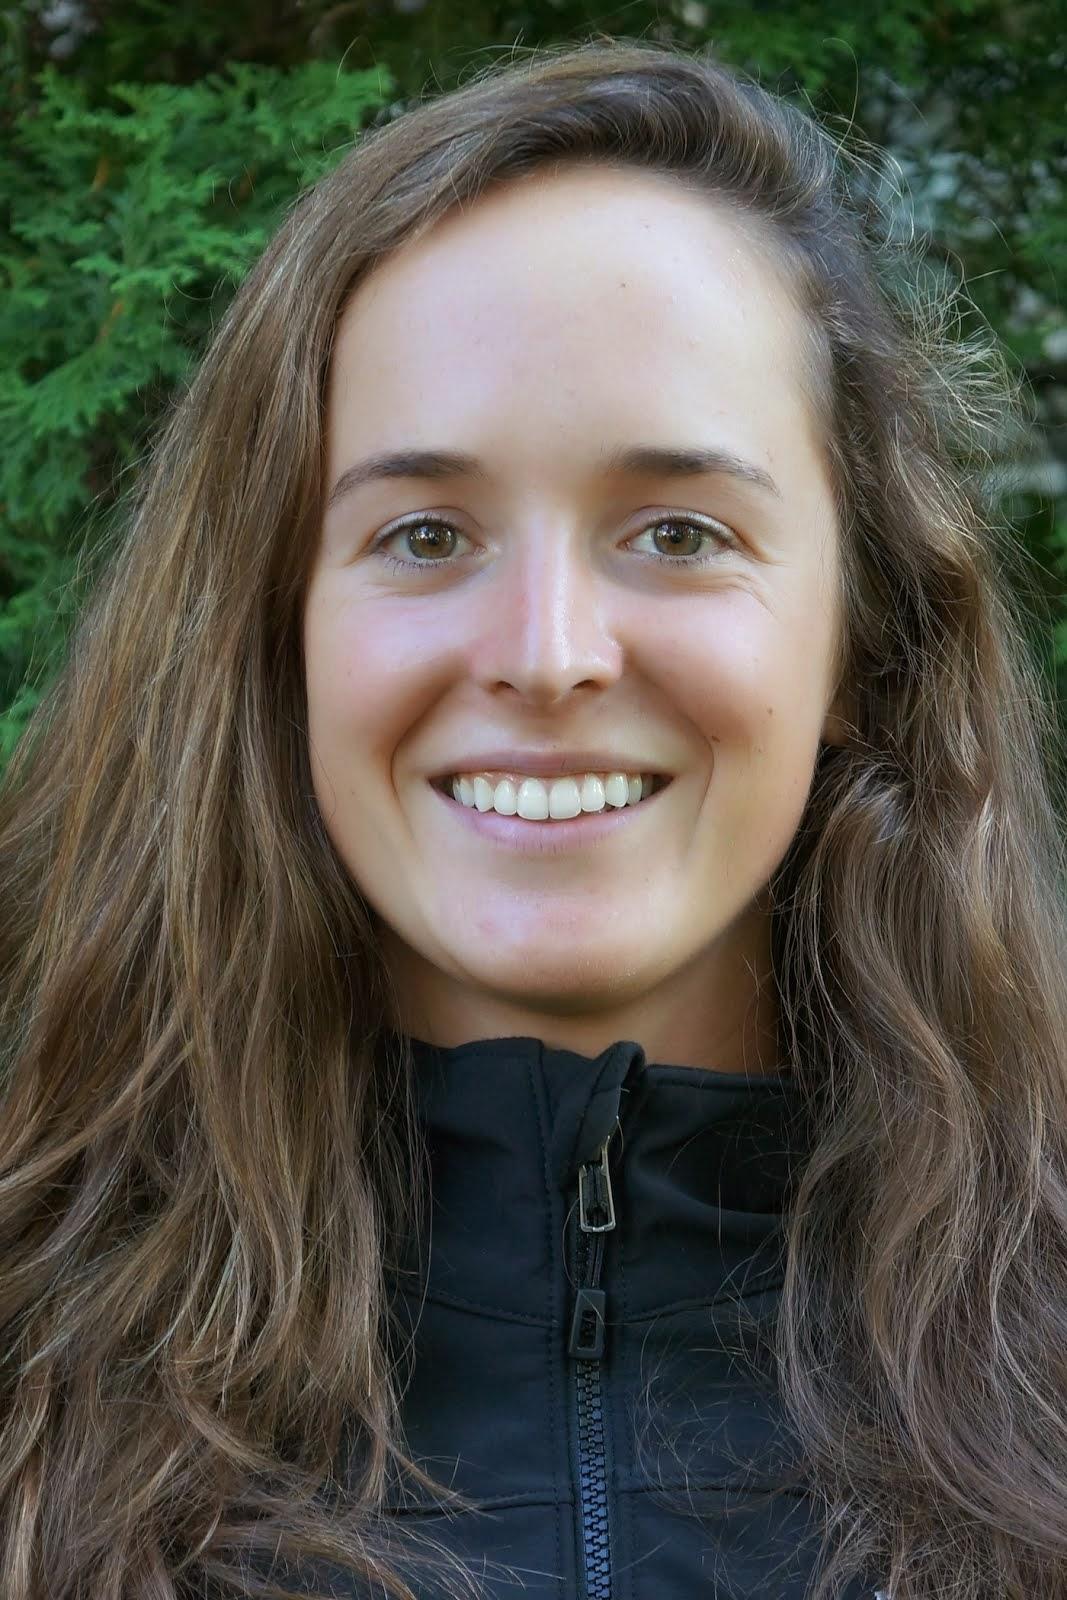 '15 Kristin Halvorsen